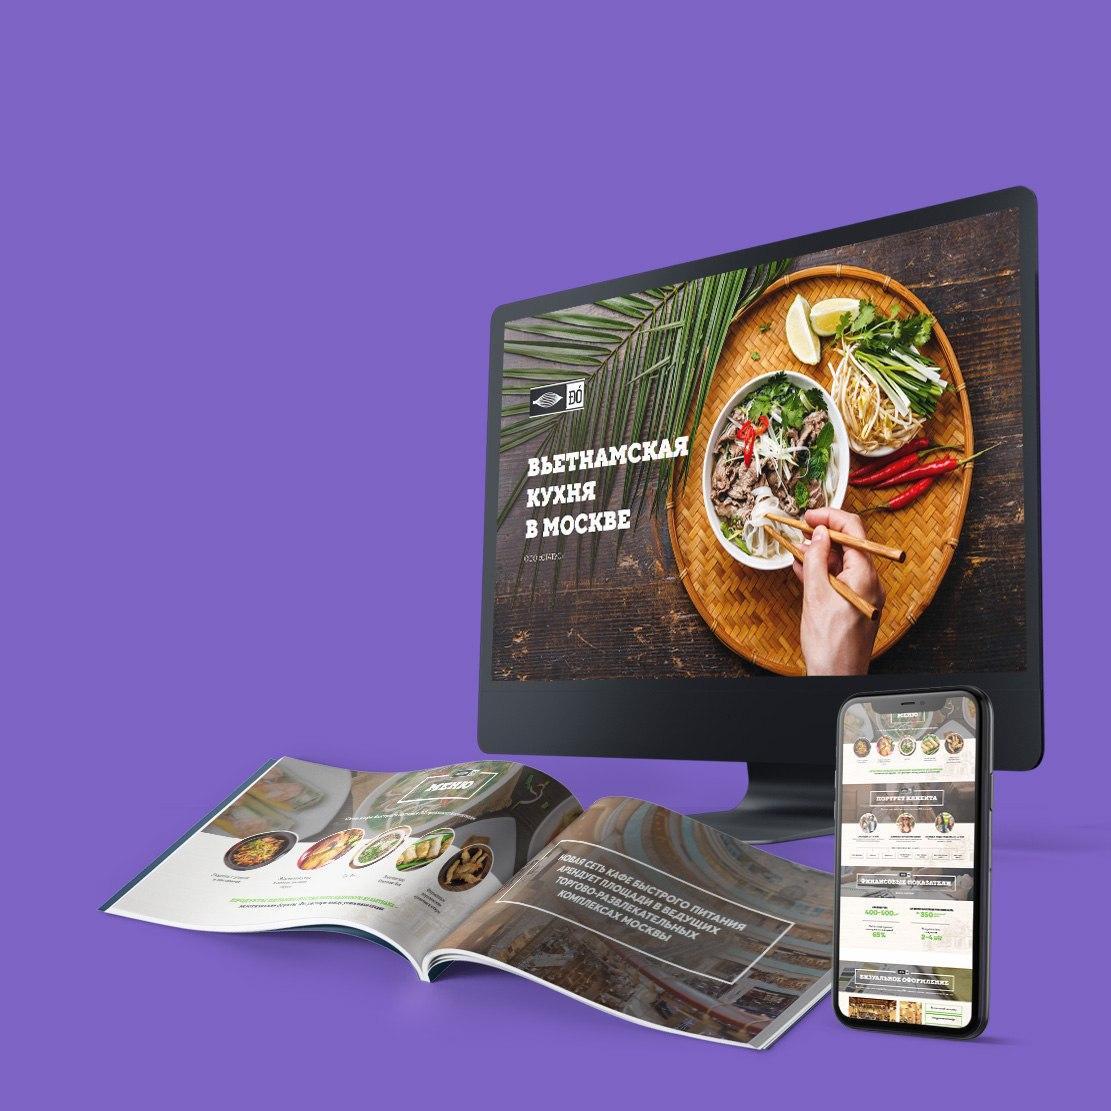 Презентация ресторанов и кафе вьетнамской кухни «Син Чао» для аренды места в торговом центре